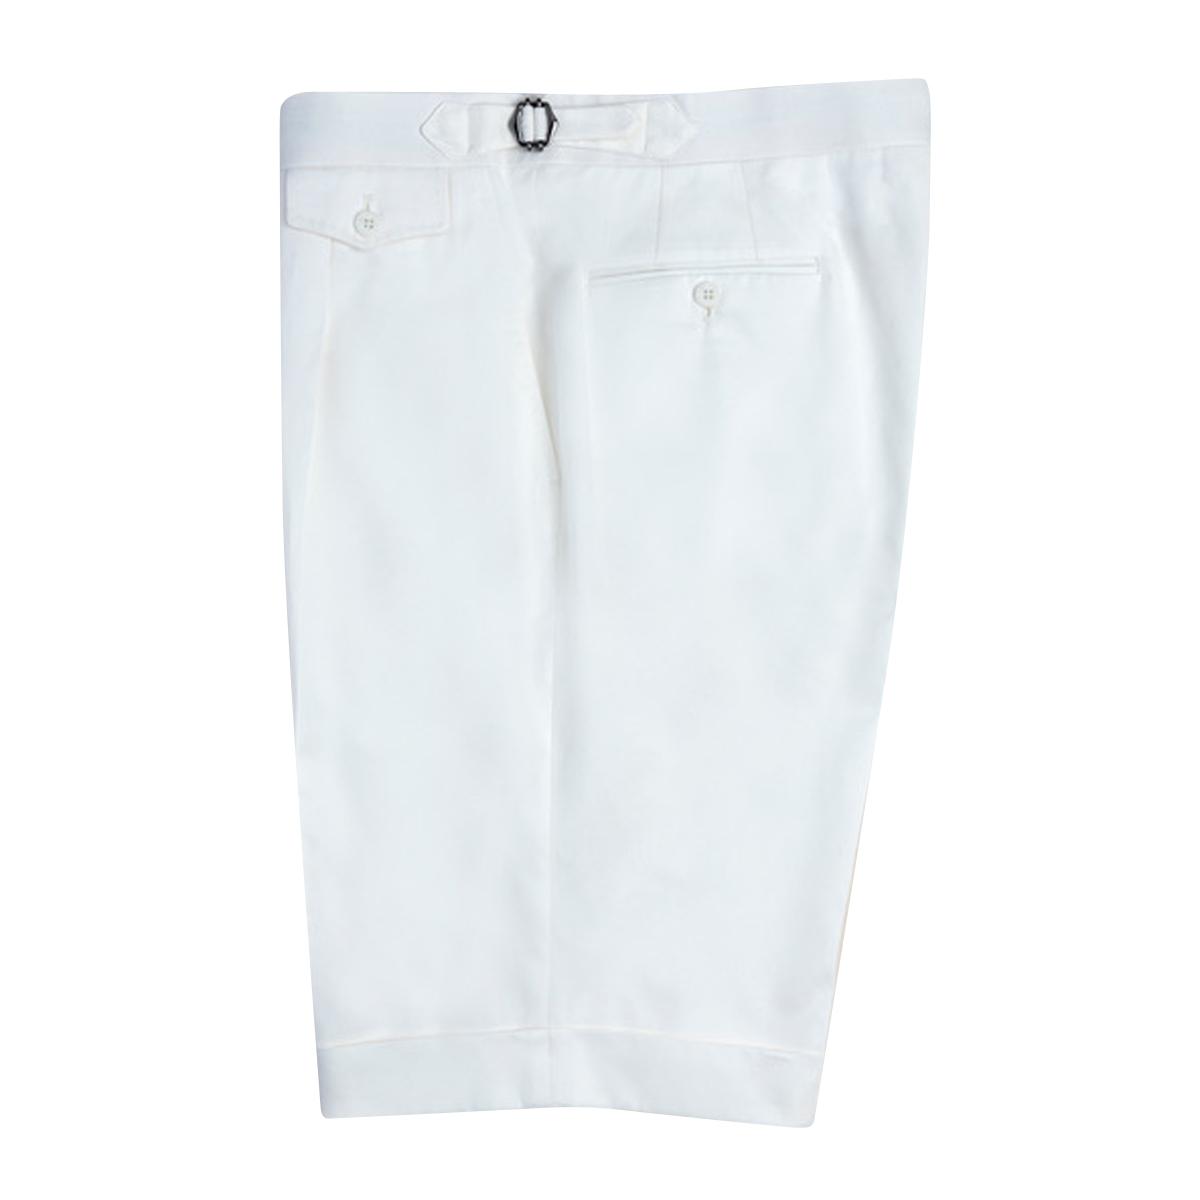 White Fine Cotton Shorts